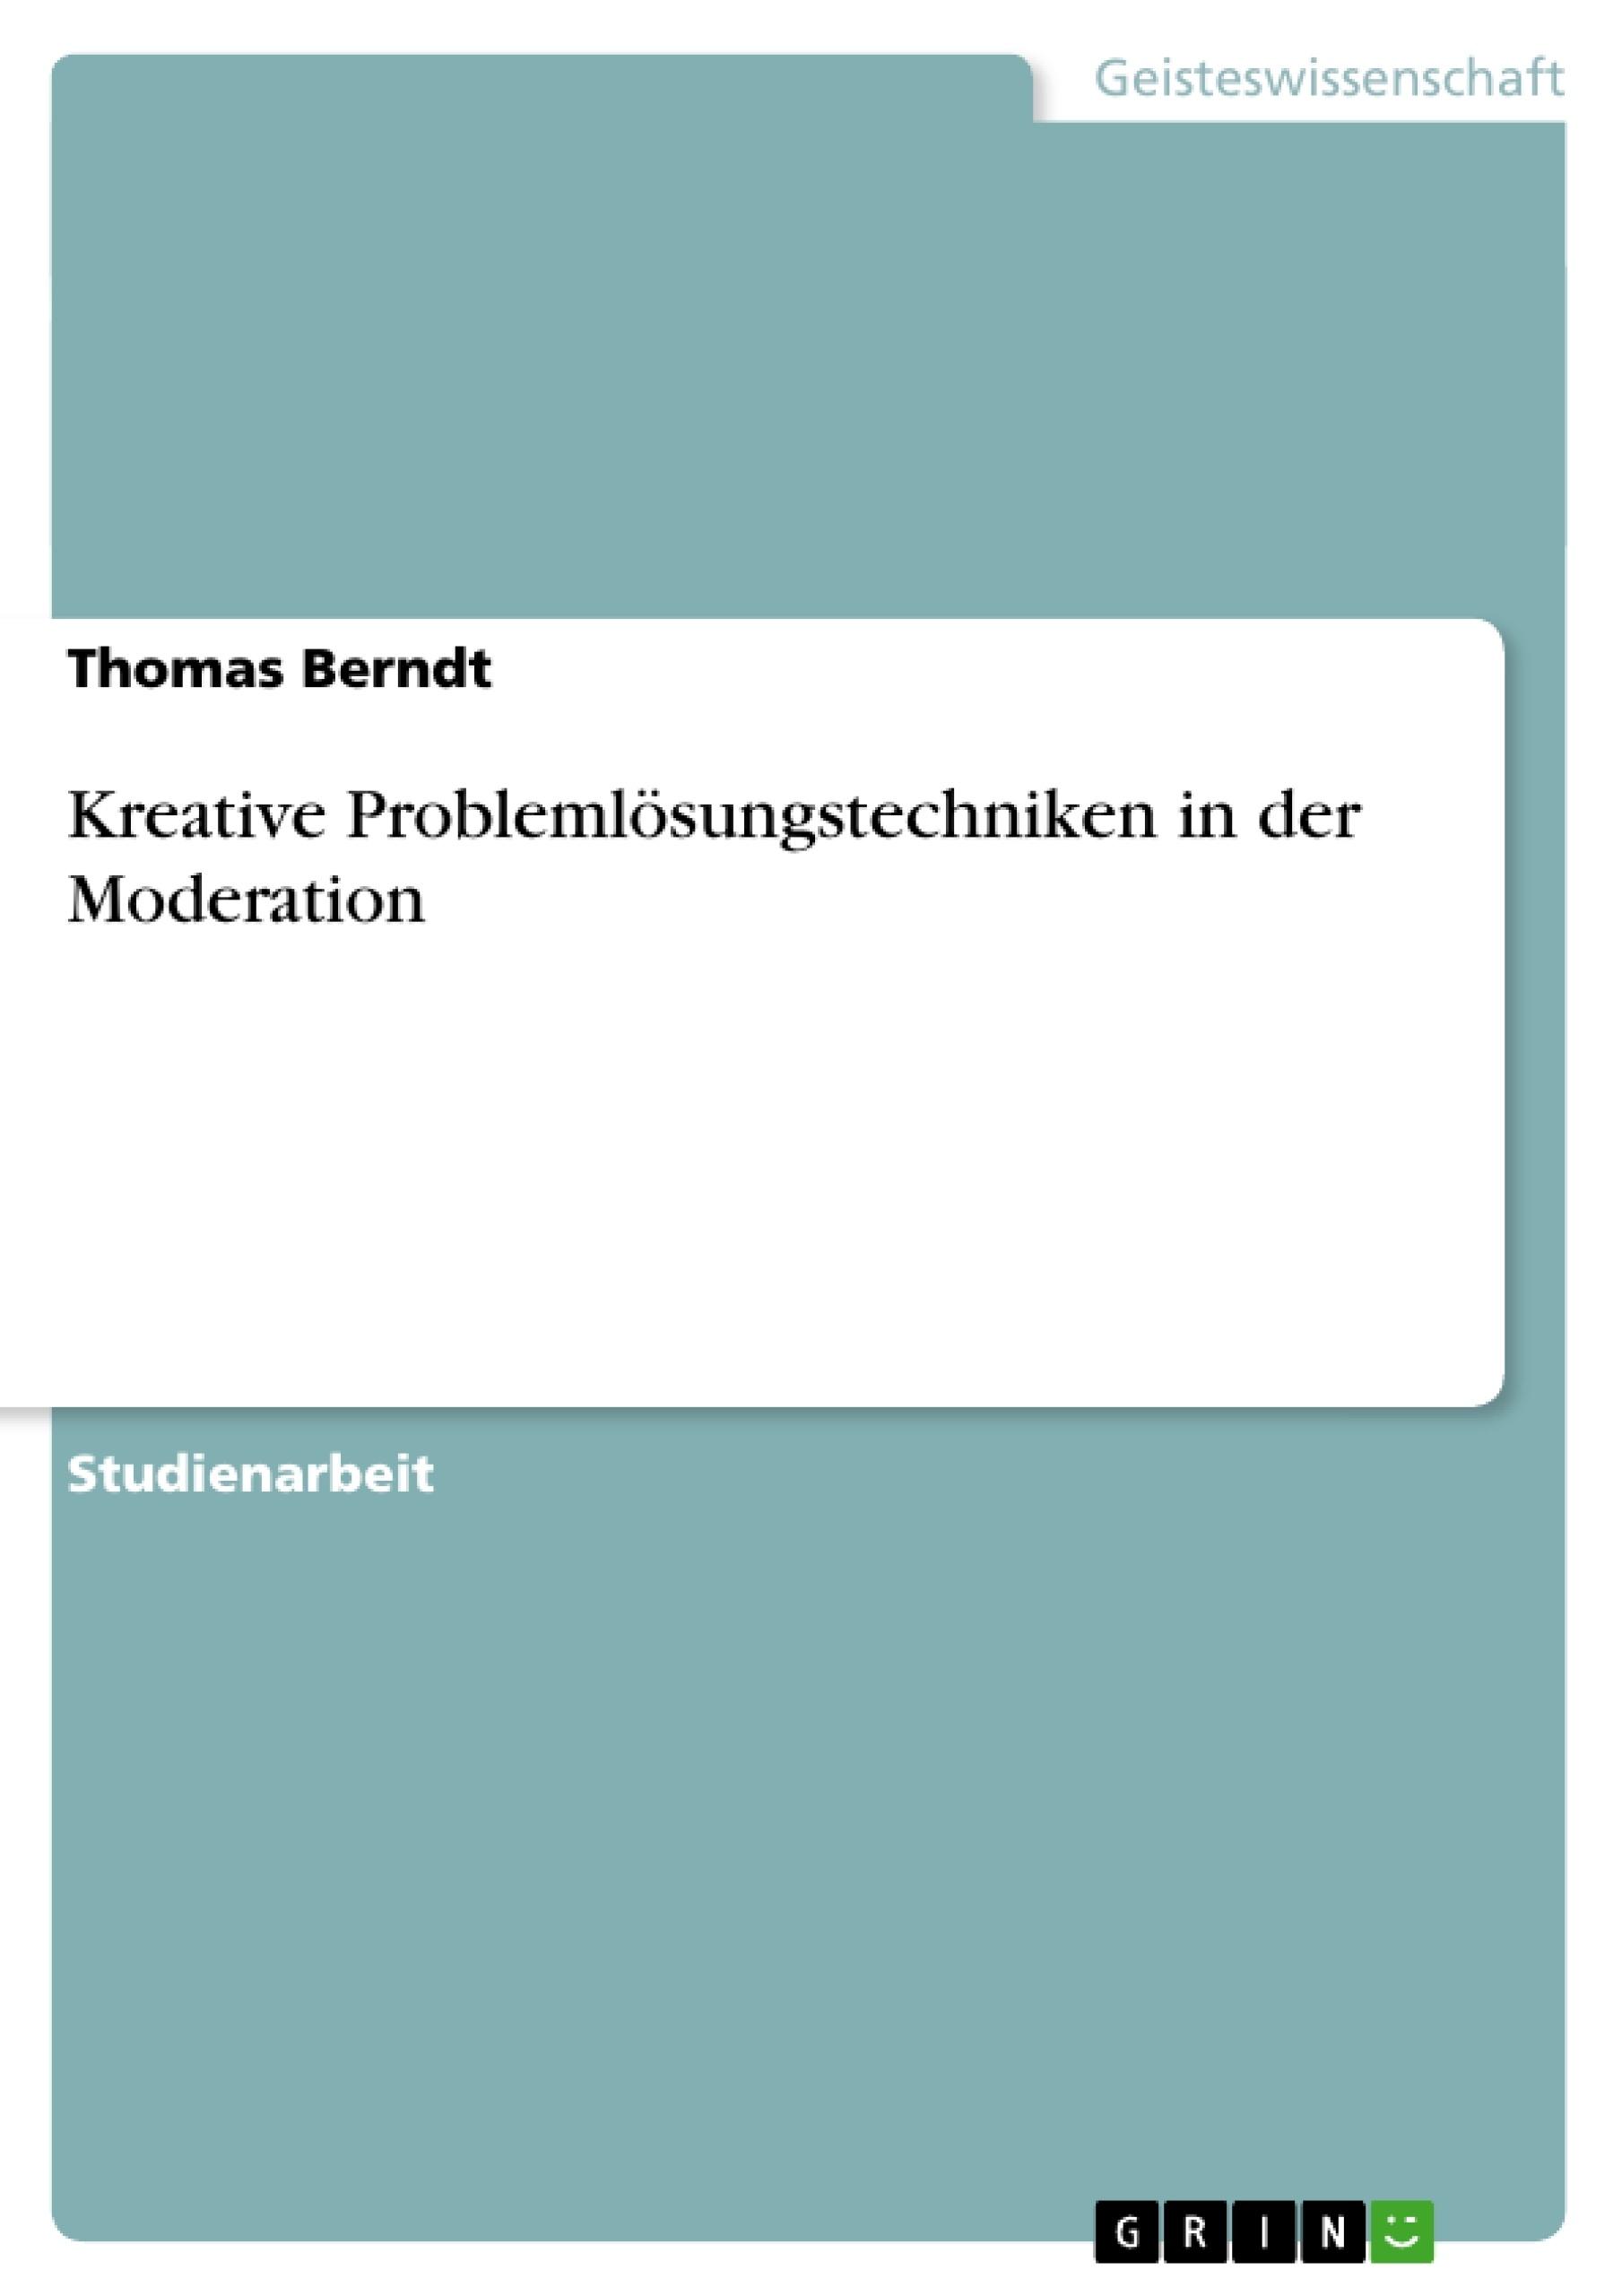 Titel: Kreative Problemlösungstechniken in der Moderation